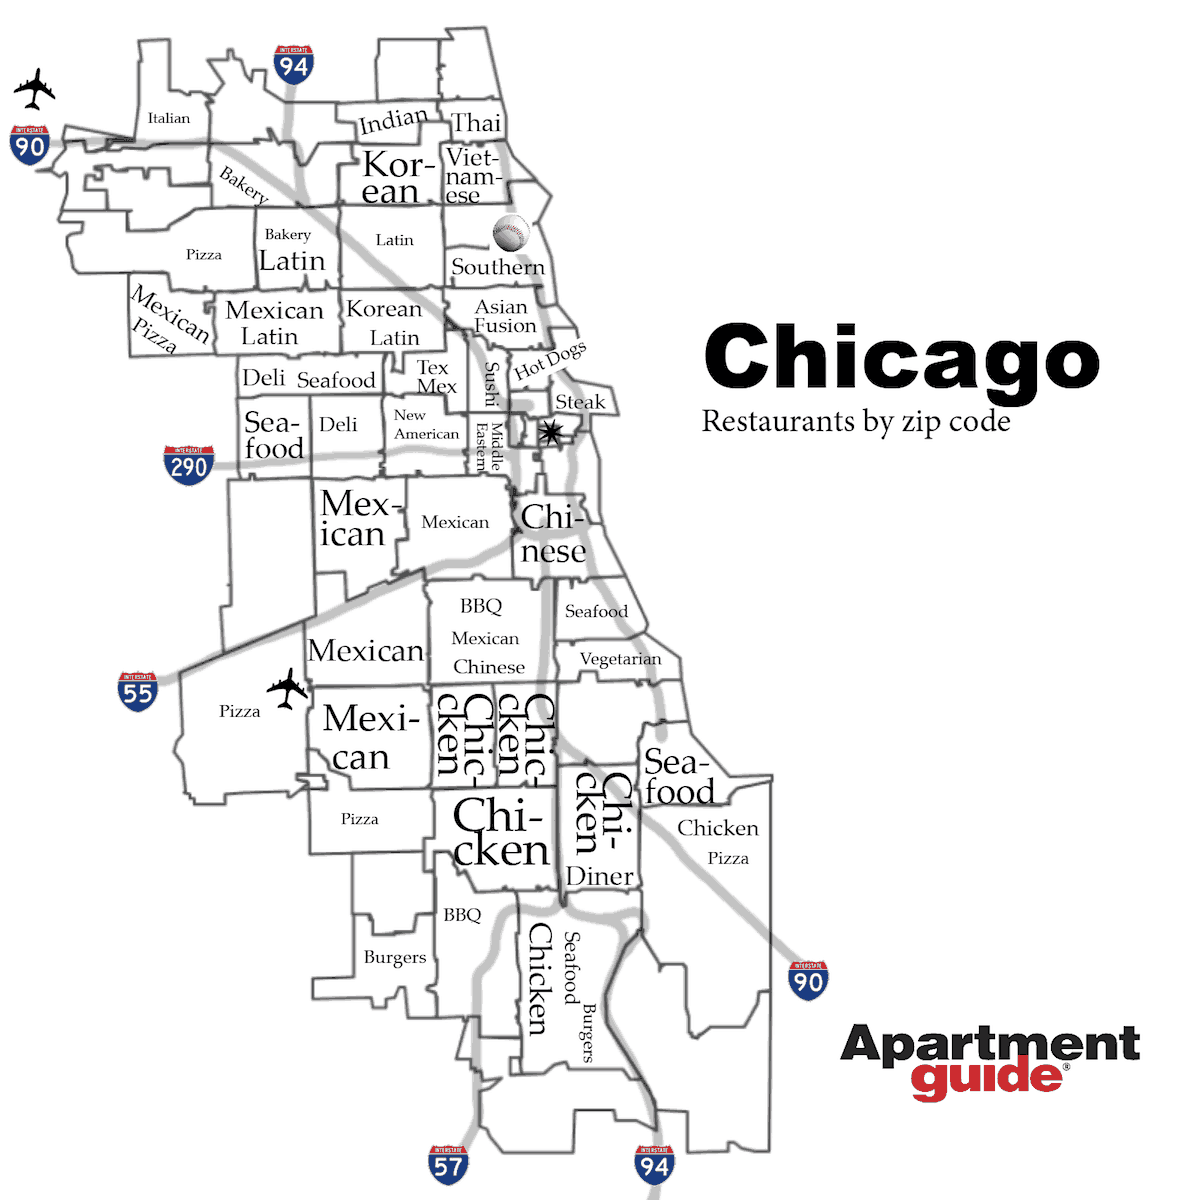 chicago restaurants by zip code